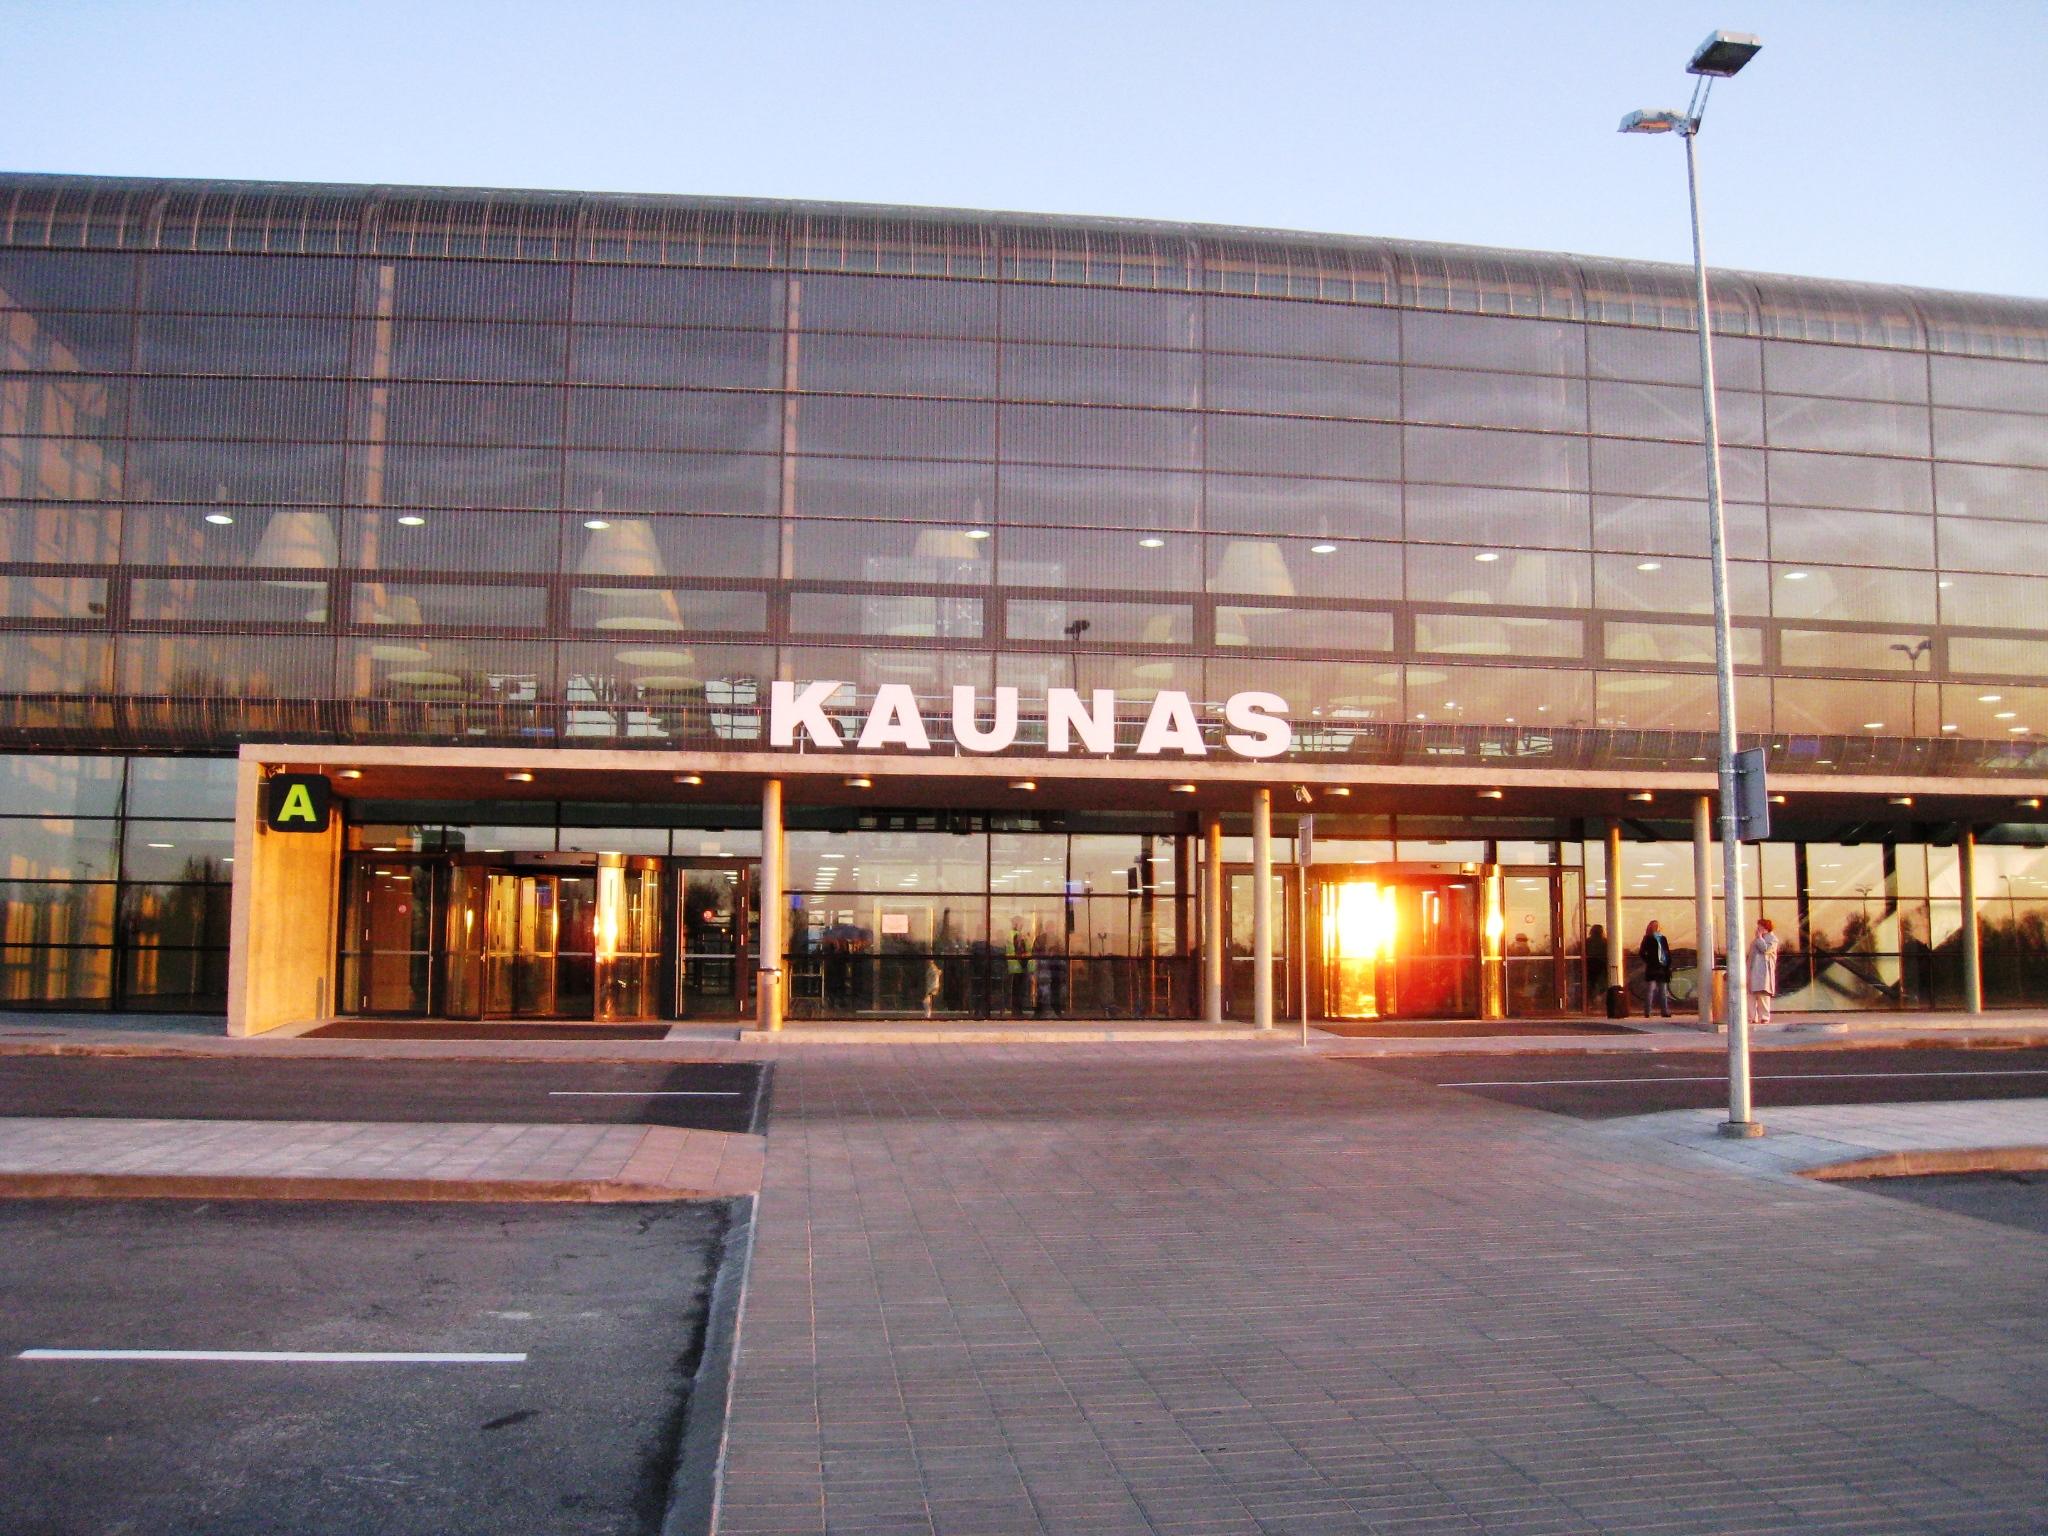 O aeroporto de Kaunas é o quarto aeroporto mais movimentado da região dos bálticos.